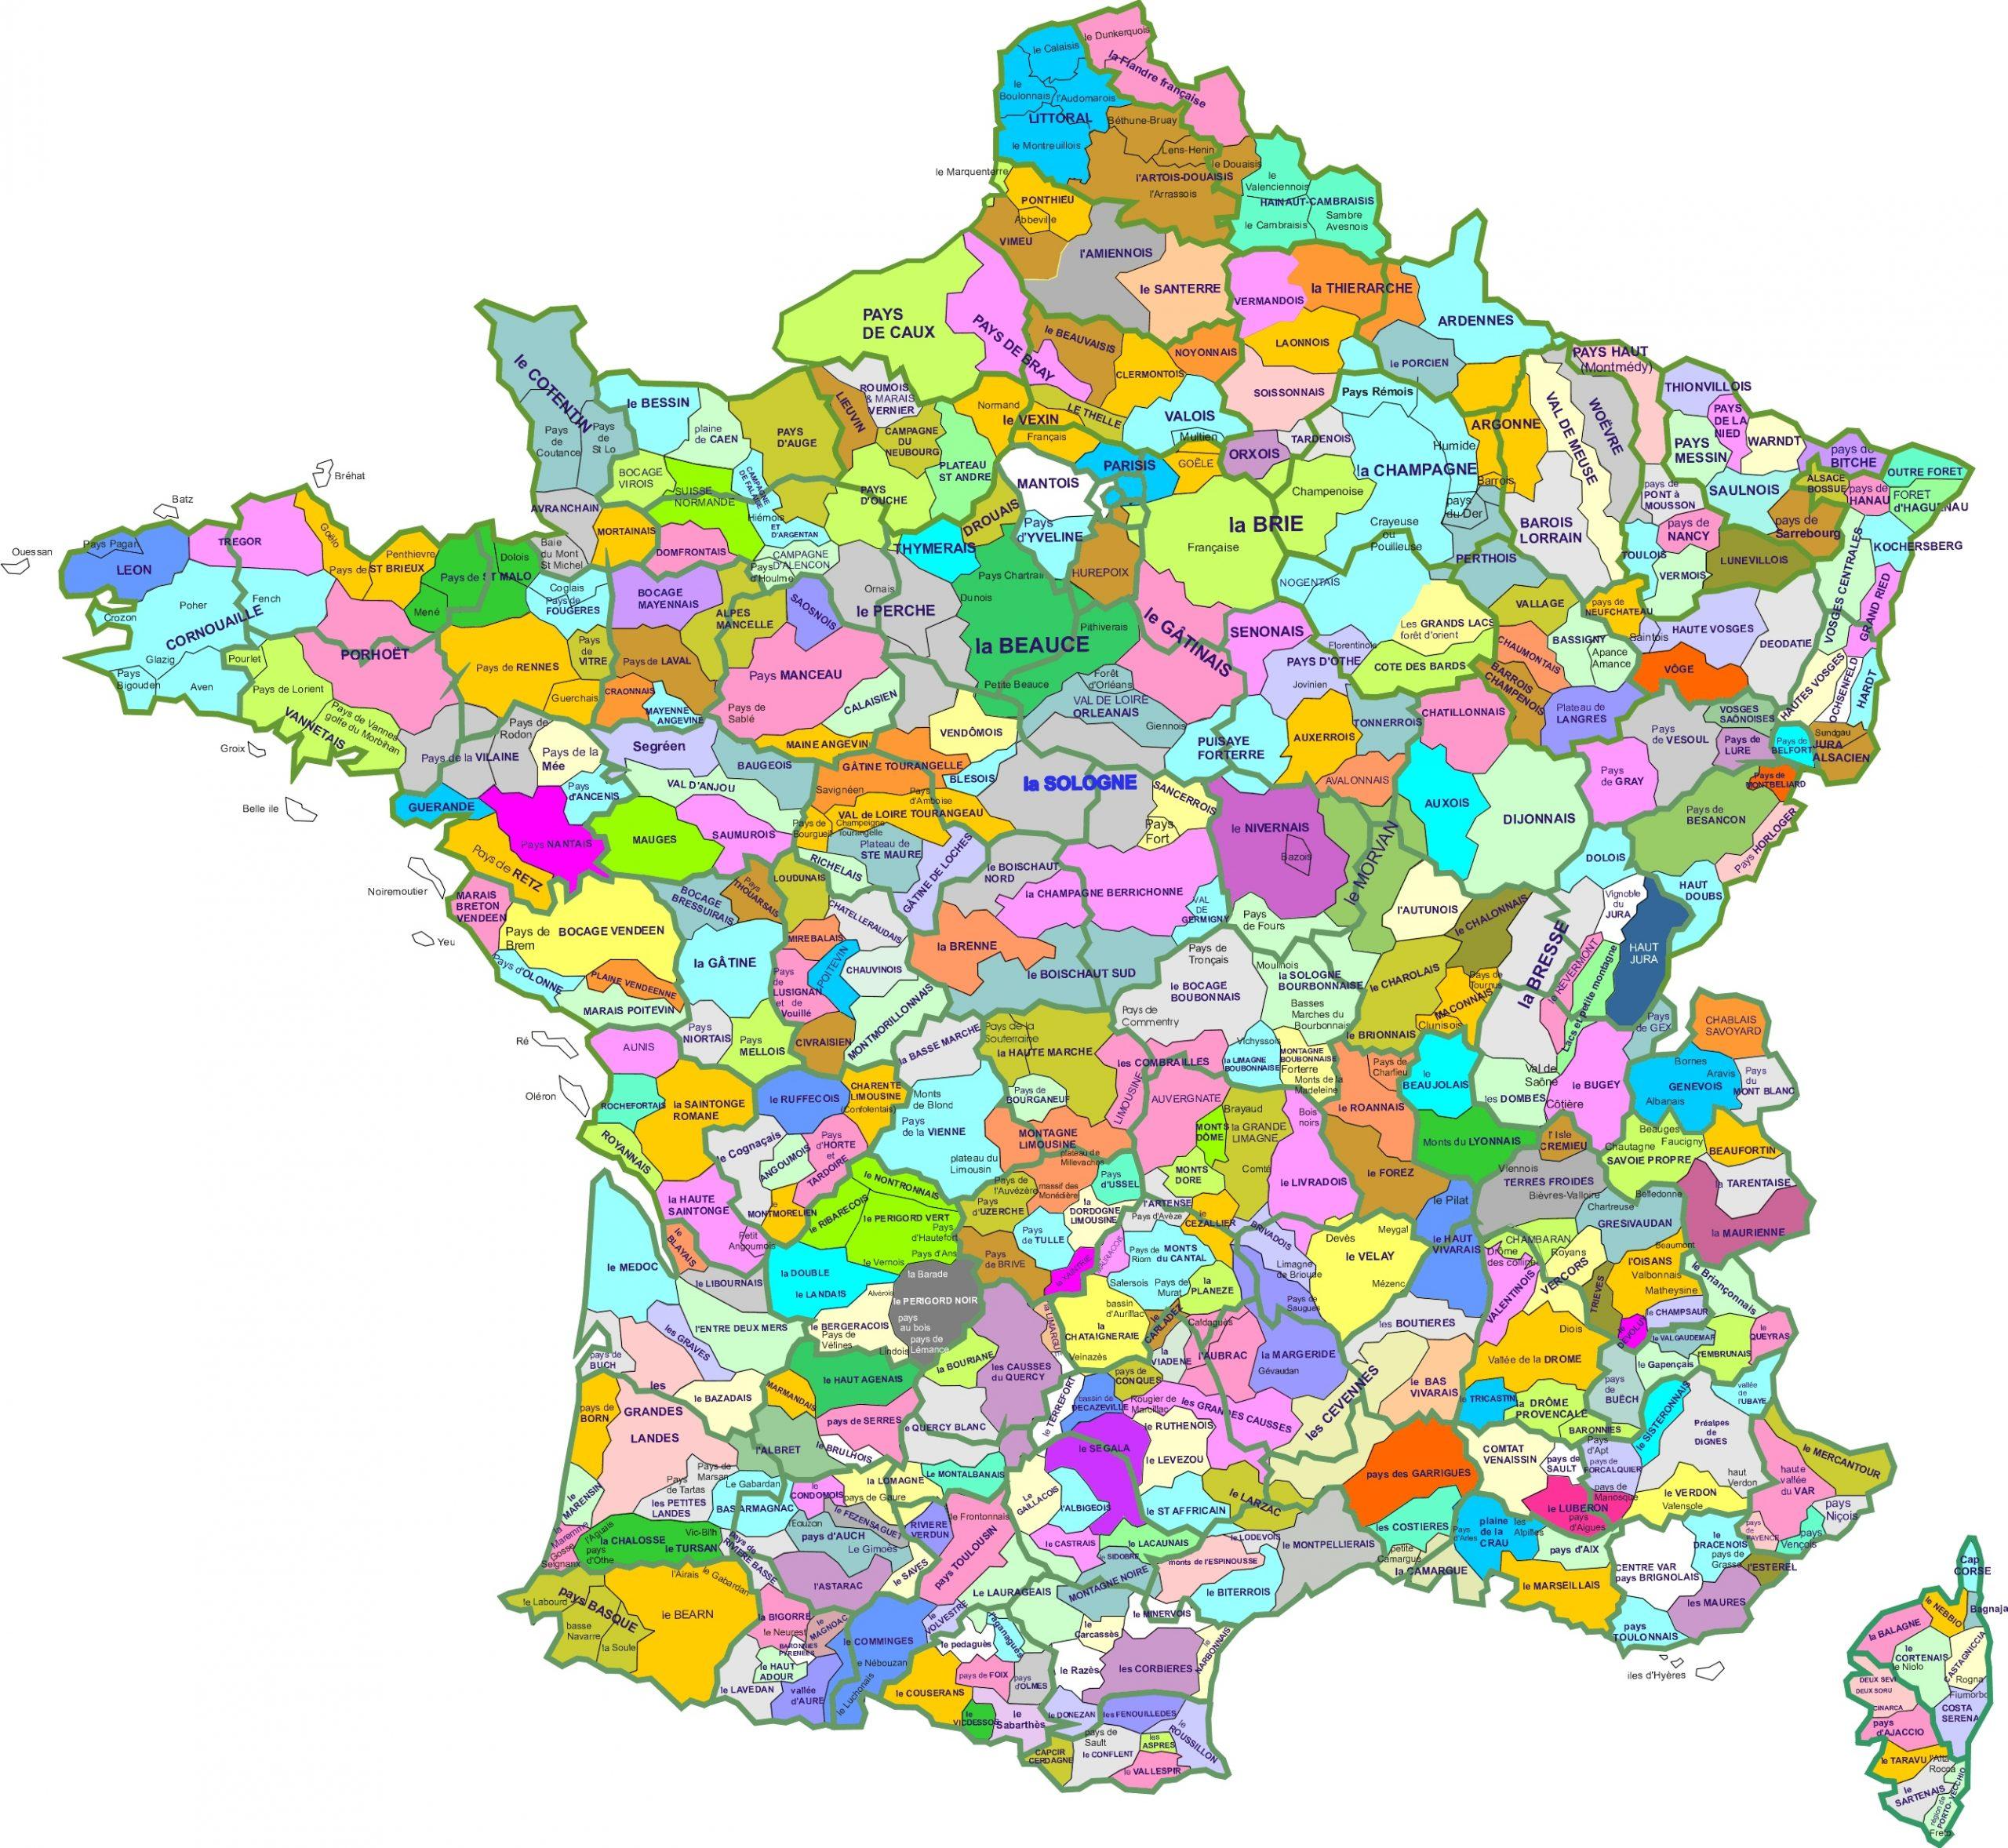 Une Carte Des Régions Naturelles De France destiné Liste Des Régions De France